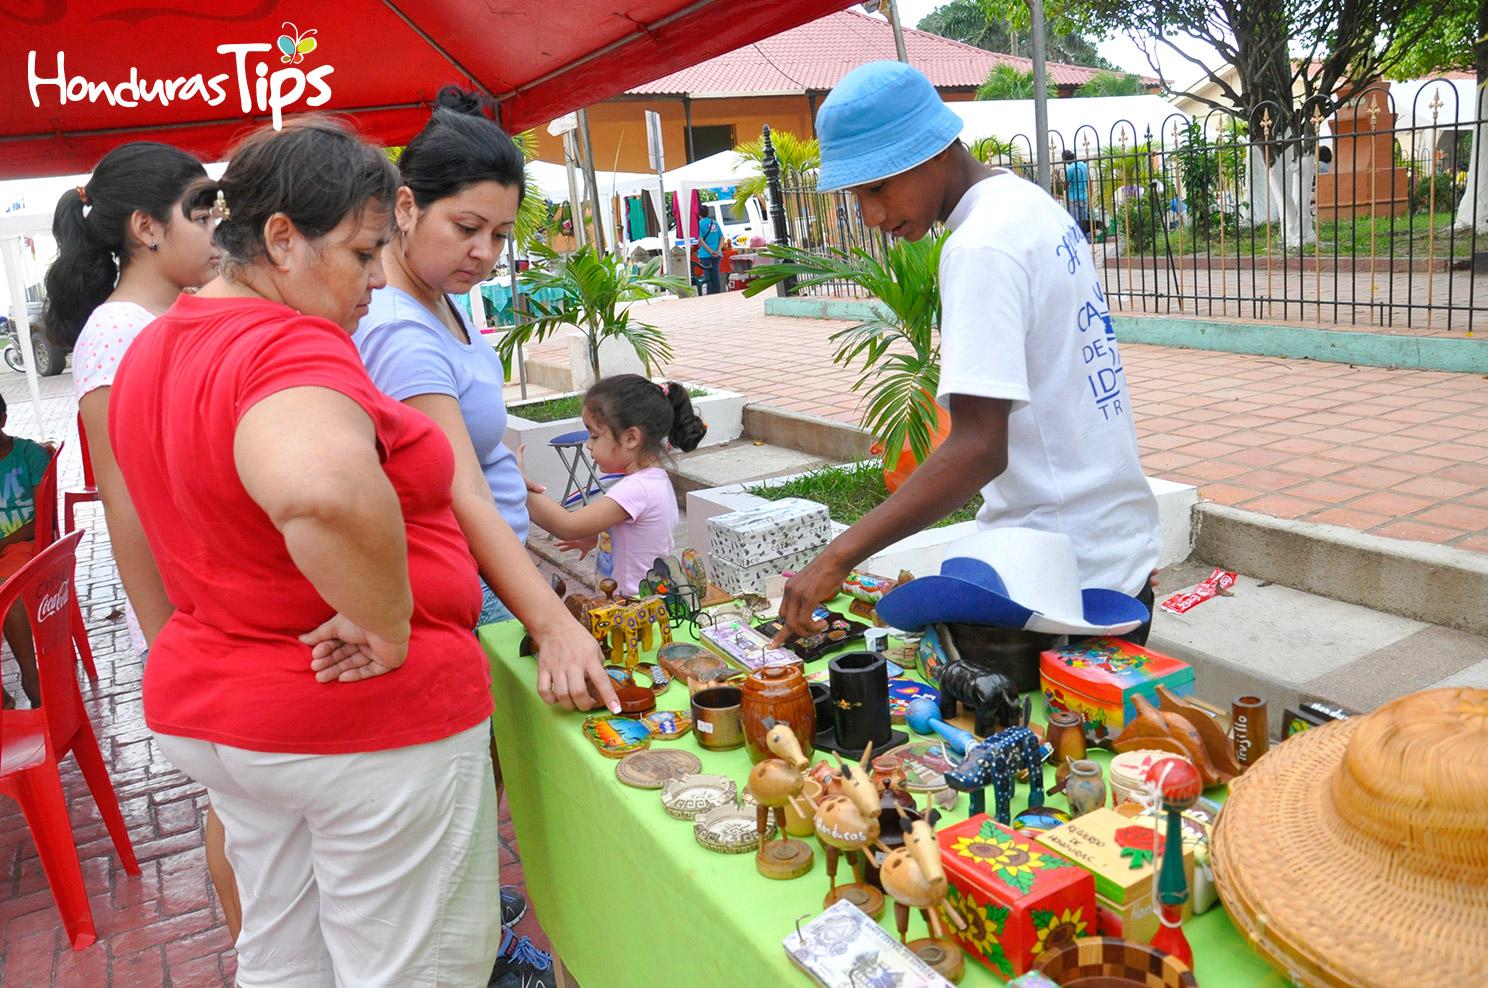 Los visitantes recorrieron los alrededores del parque Colón para admirar las artesanías trujillanas.